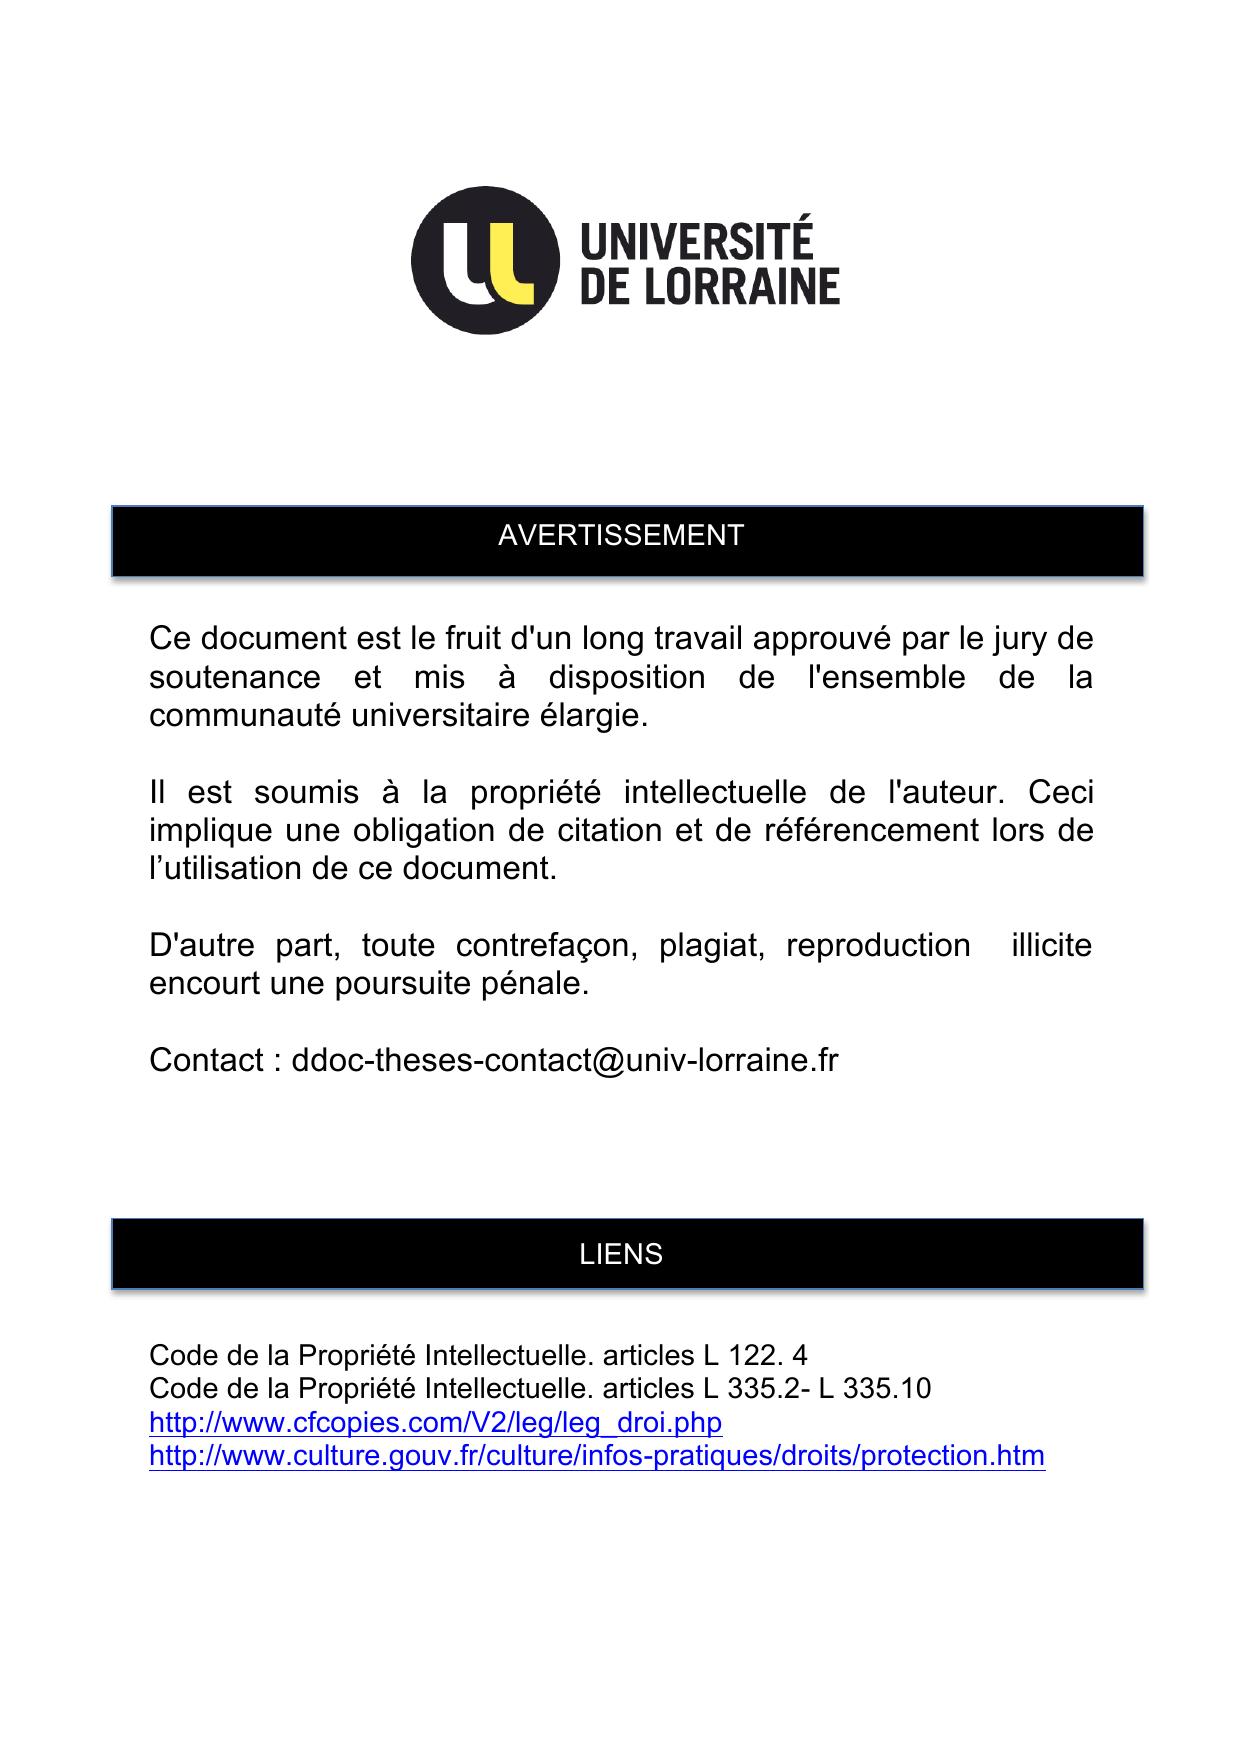 preeclampsie - Traducere în franceză - exemple în română | Reverso Context